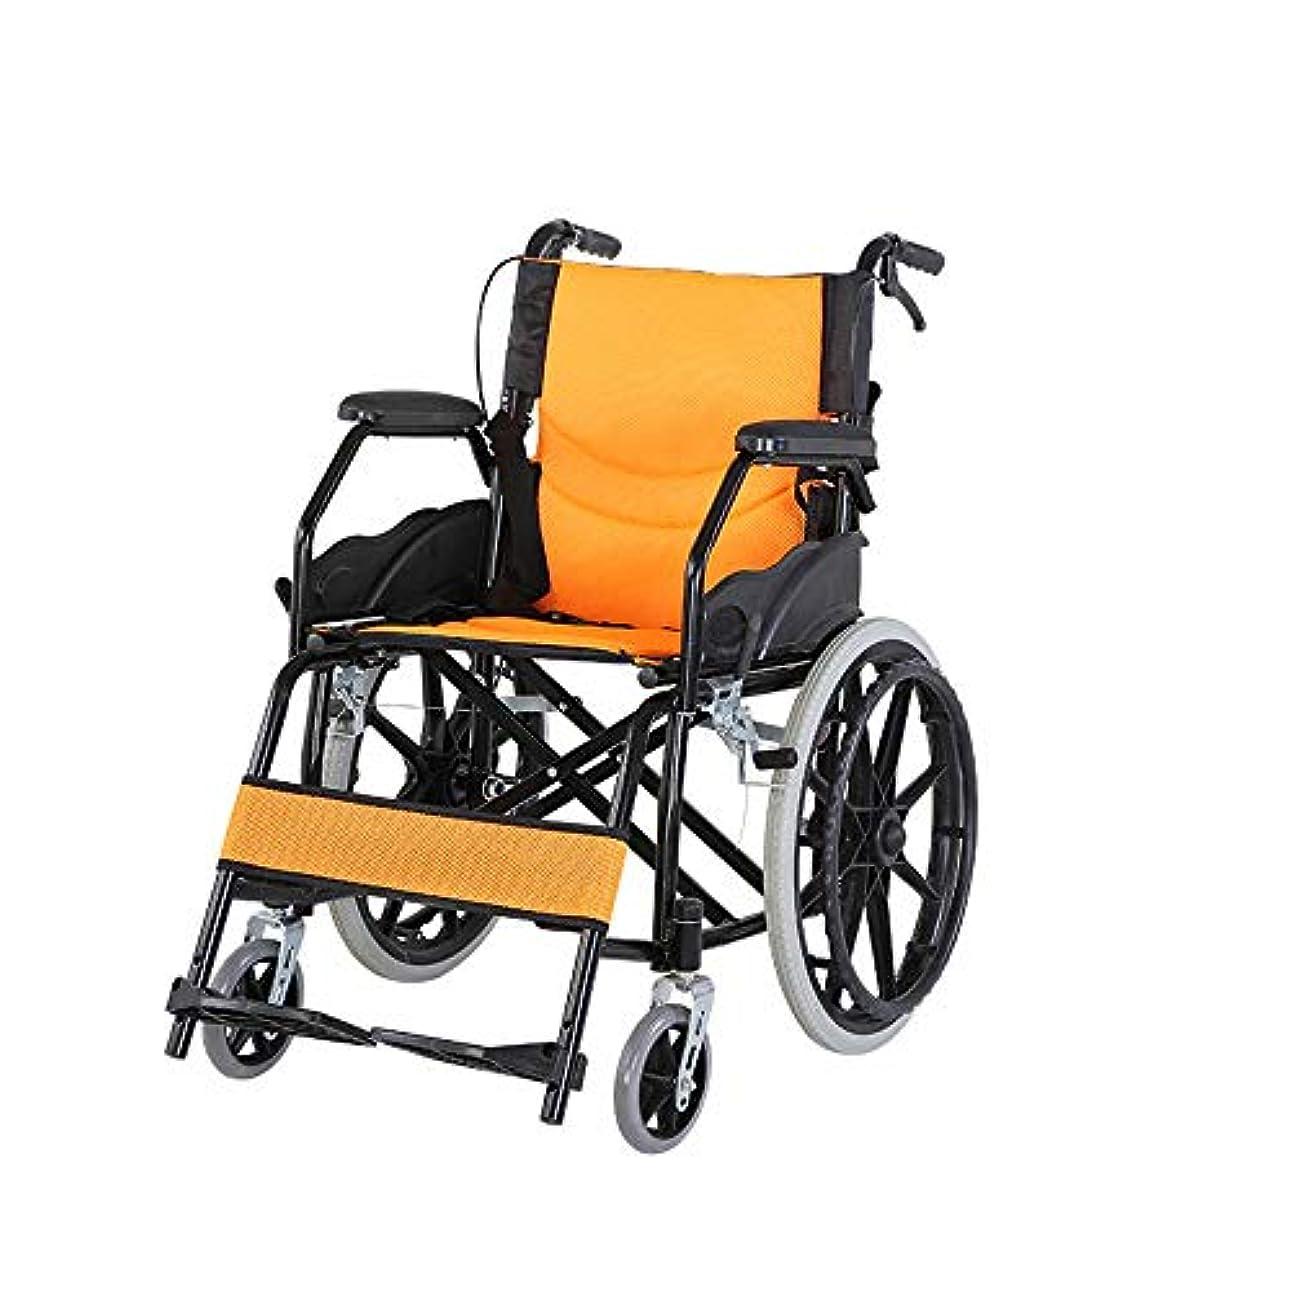 誓う監督する間折りたたみ軽量高齢者旅行車椅子携帯用小型家庭用医療多機能車椅子